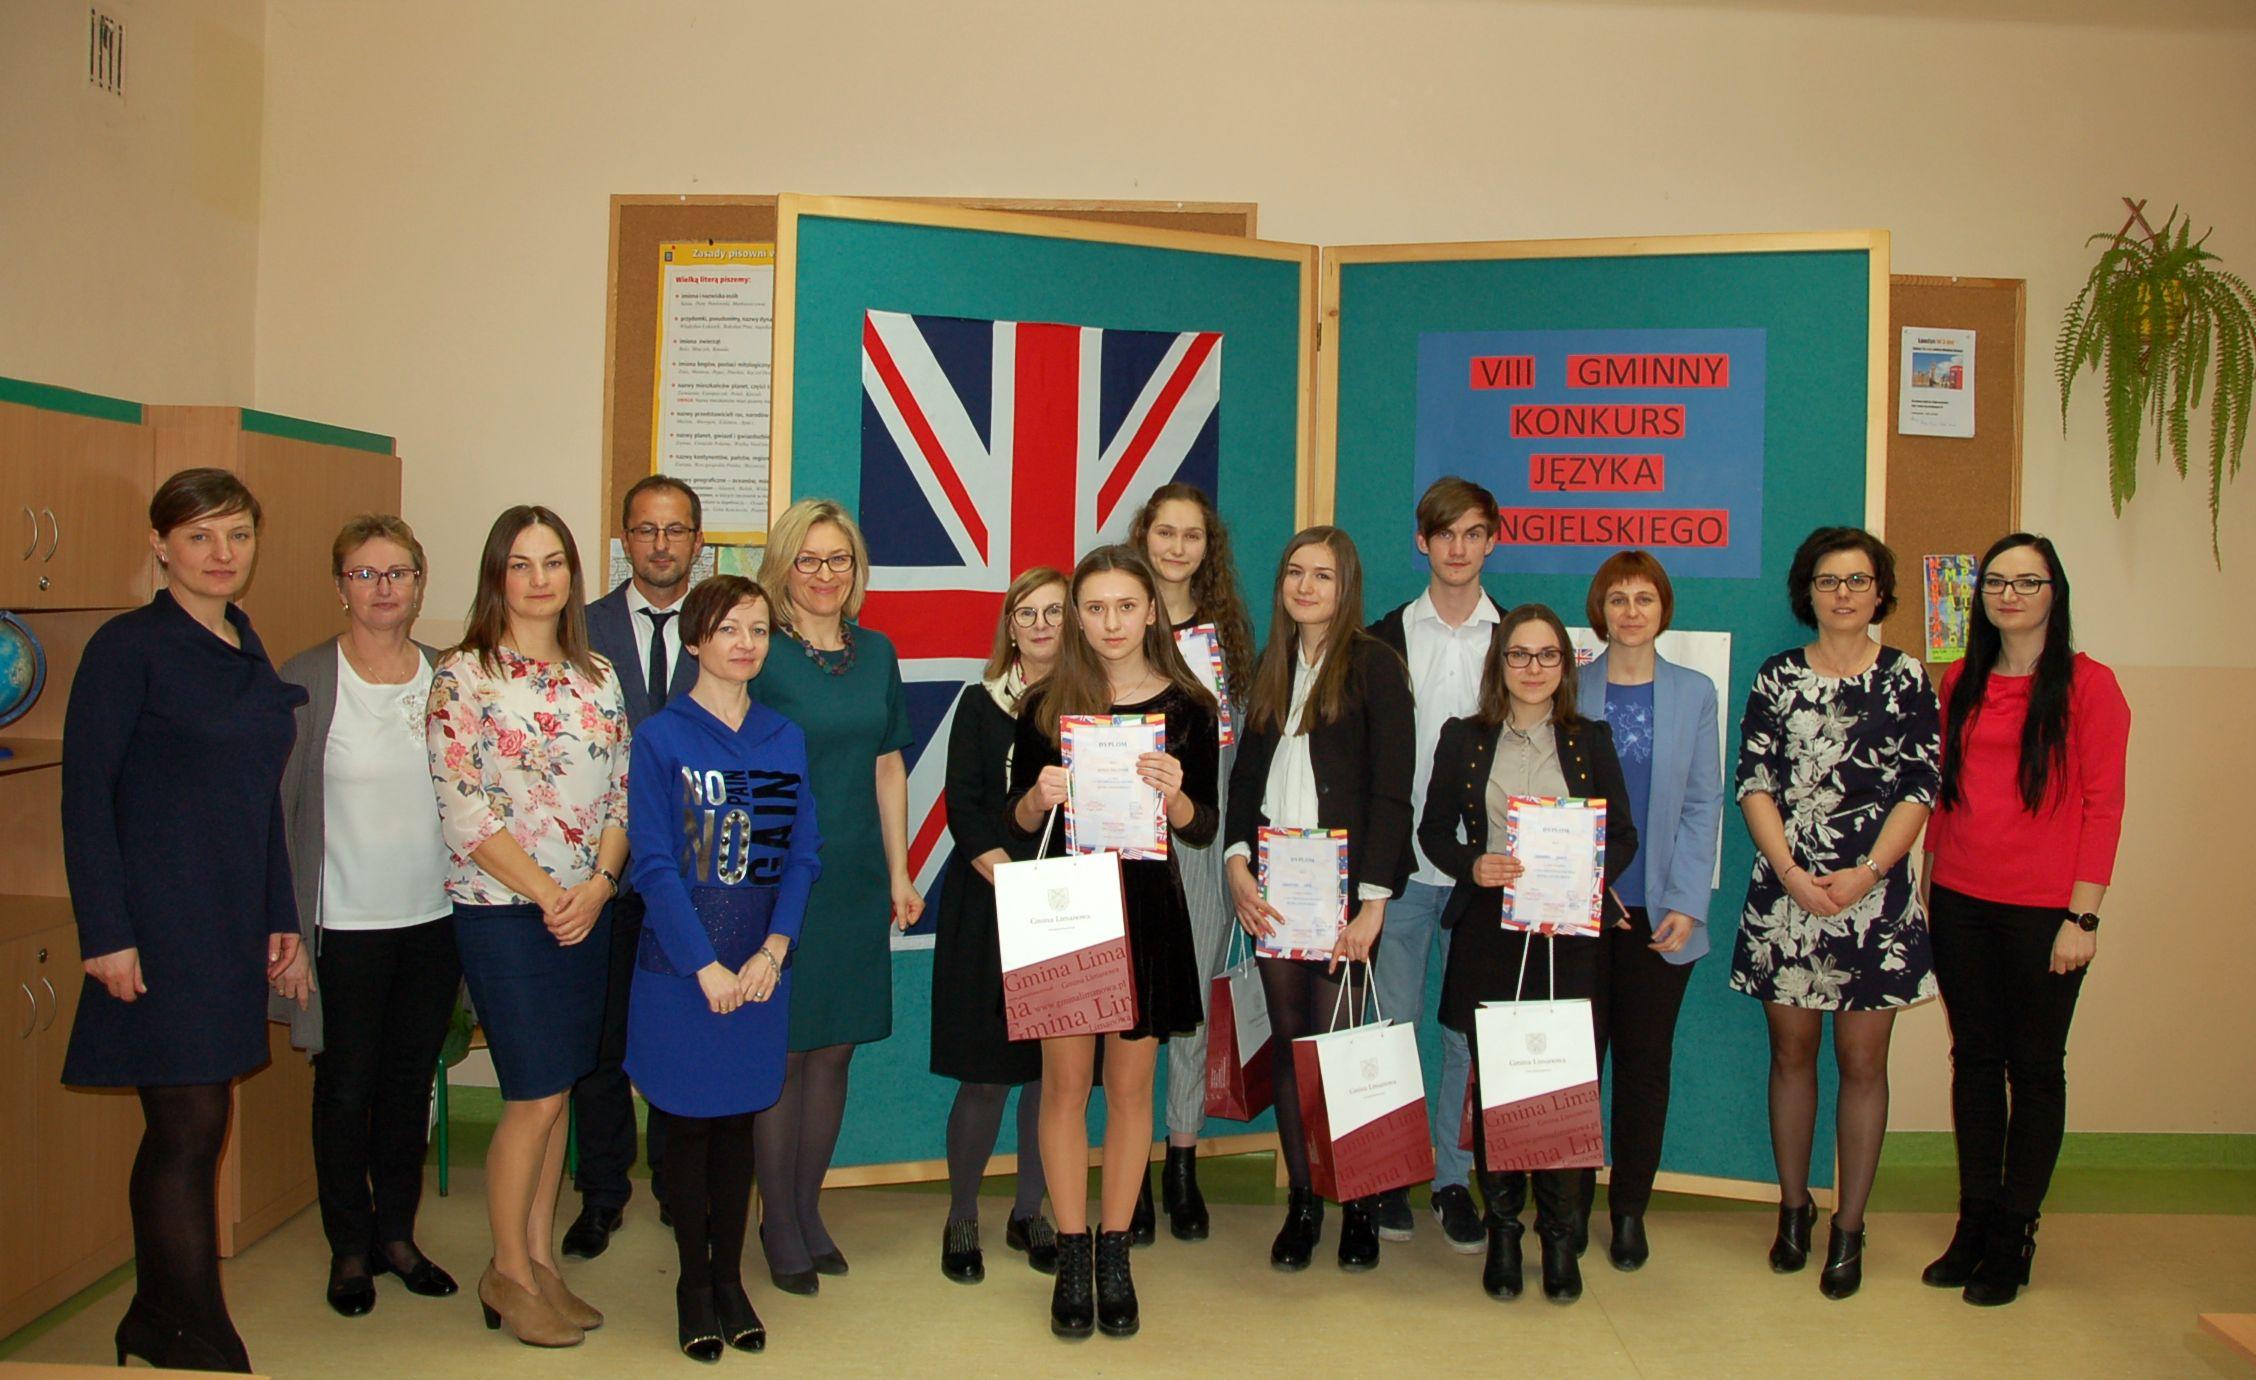 VIII Gminny Konkurs Języka Angielskiego w Mordarce - zdjęcie główne